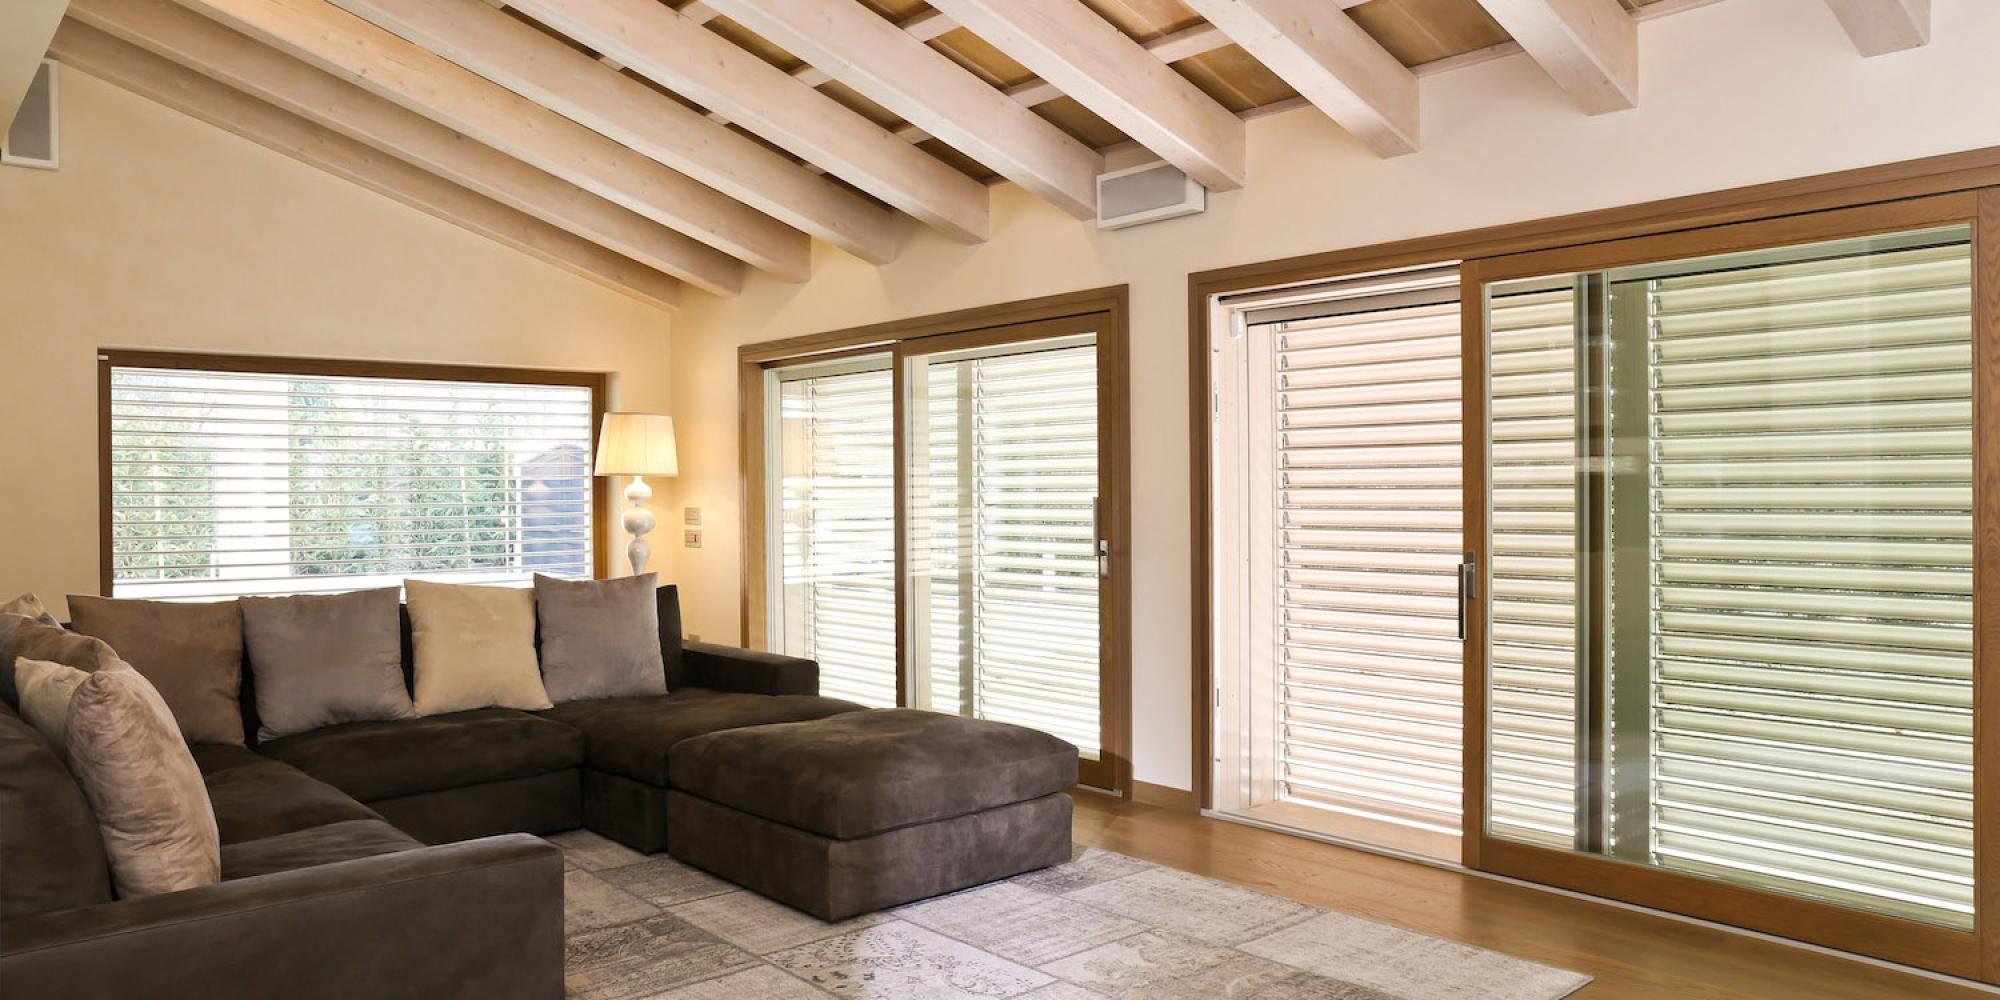 finestre-legno-bicolore